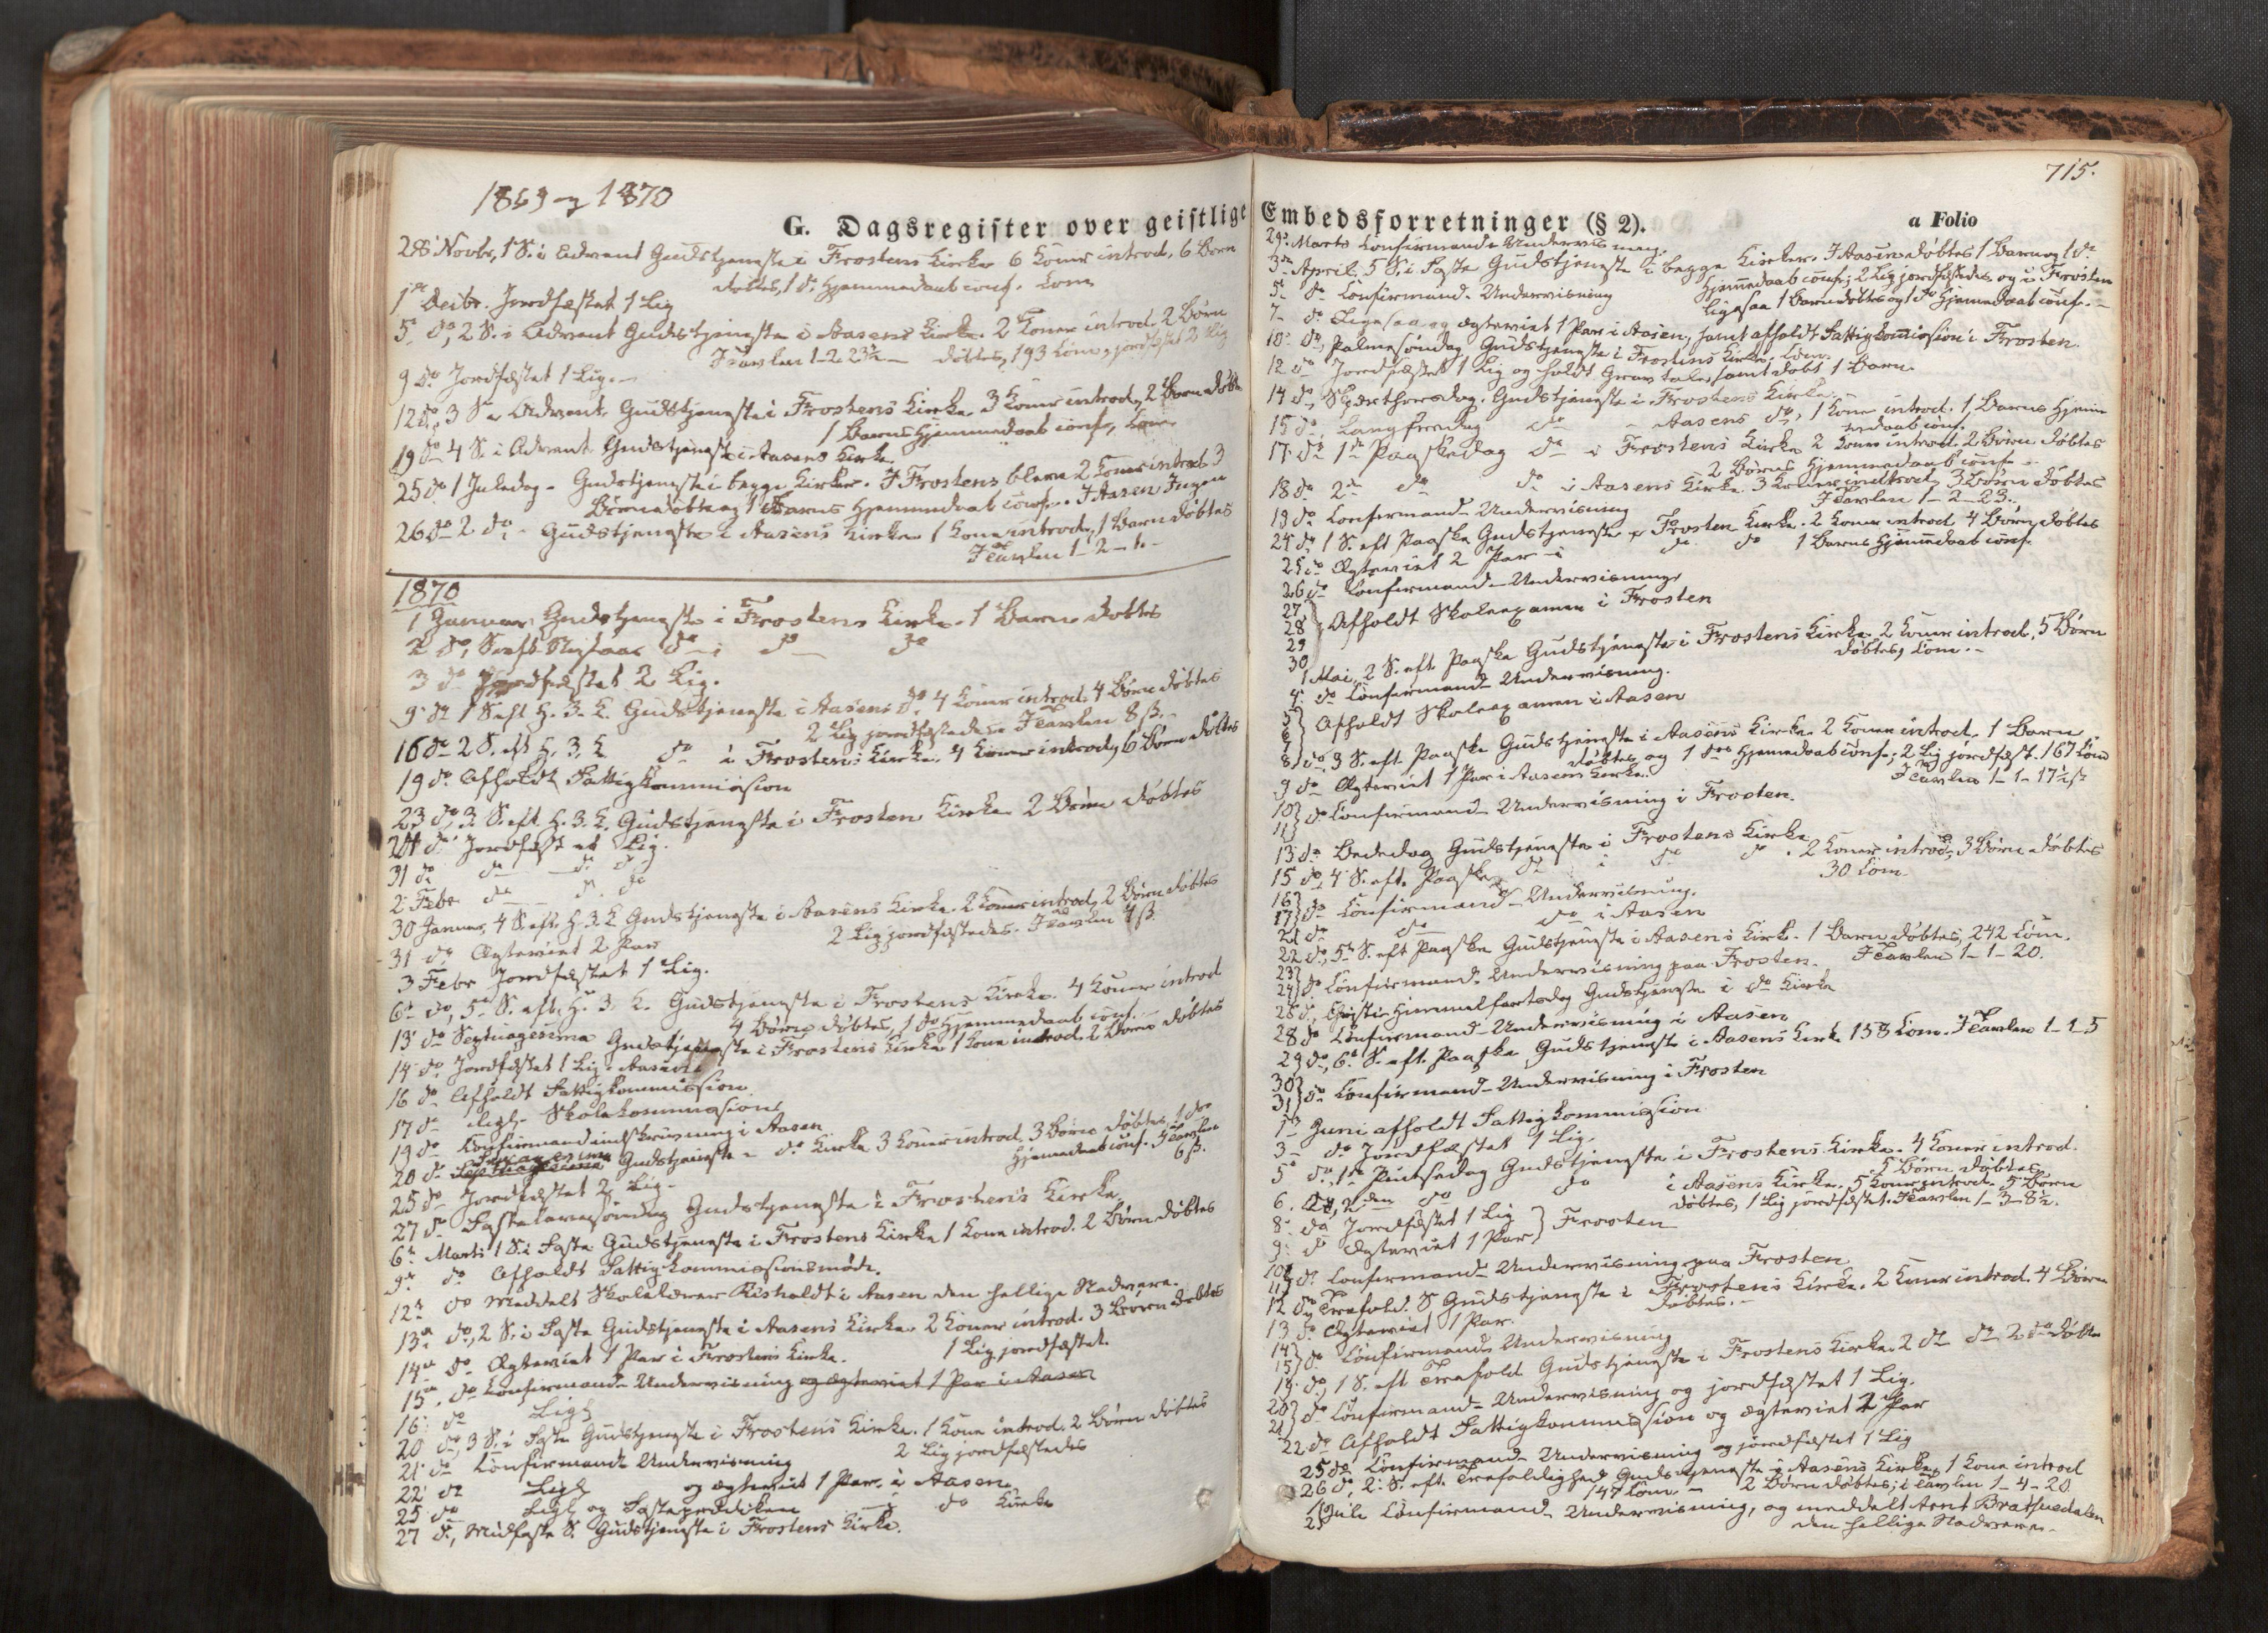 SAT, Ministerialprotokoller, klokkerbøker og fødselsregistre - Nord-Trøndelag, 713/L0116: Ministerialbok nr. 713A07, 1850-1877, s. 715